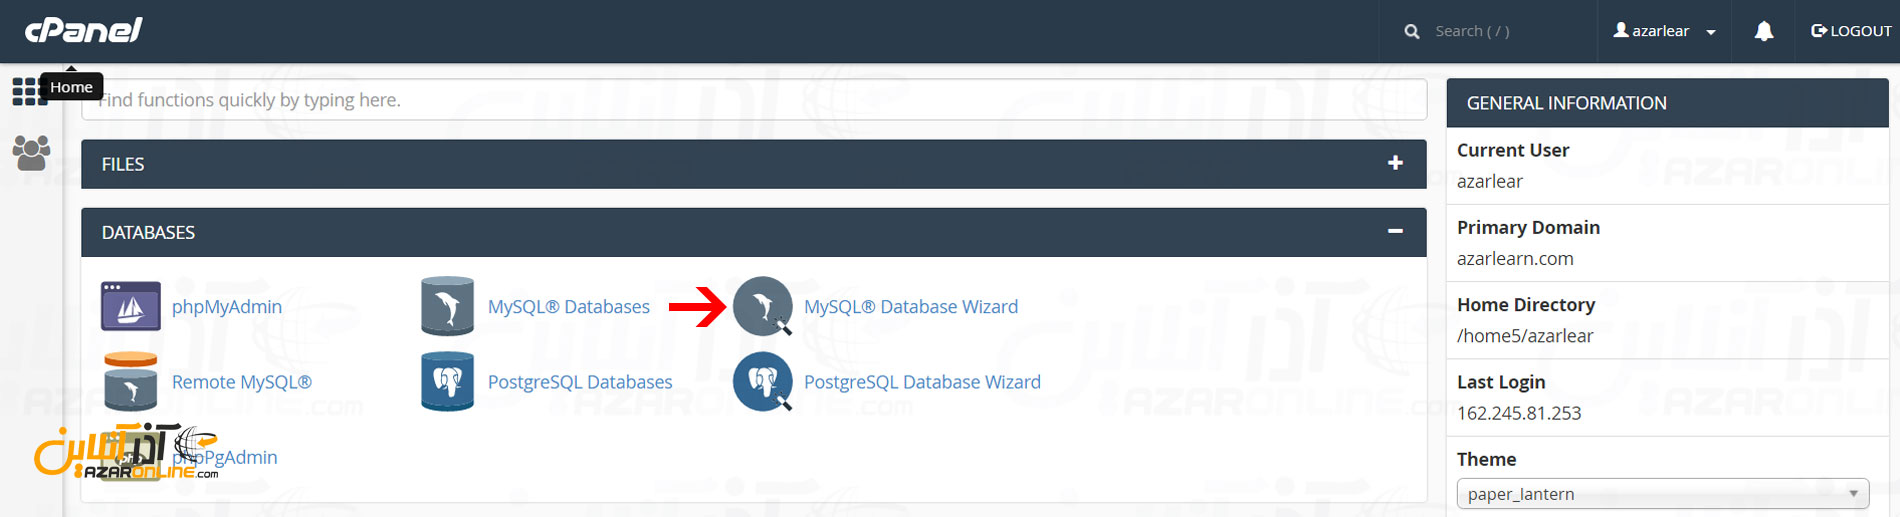 رفتن به mySQL database wizard جهت ساخت دیتابیس برای فروشگاه ساز پرستاشاپ